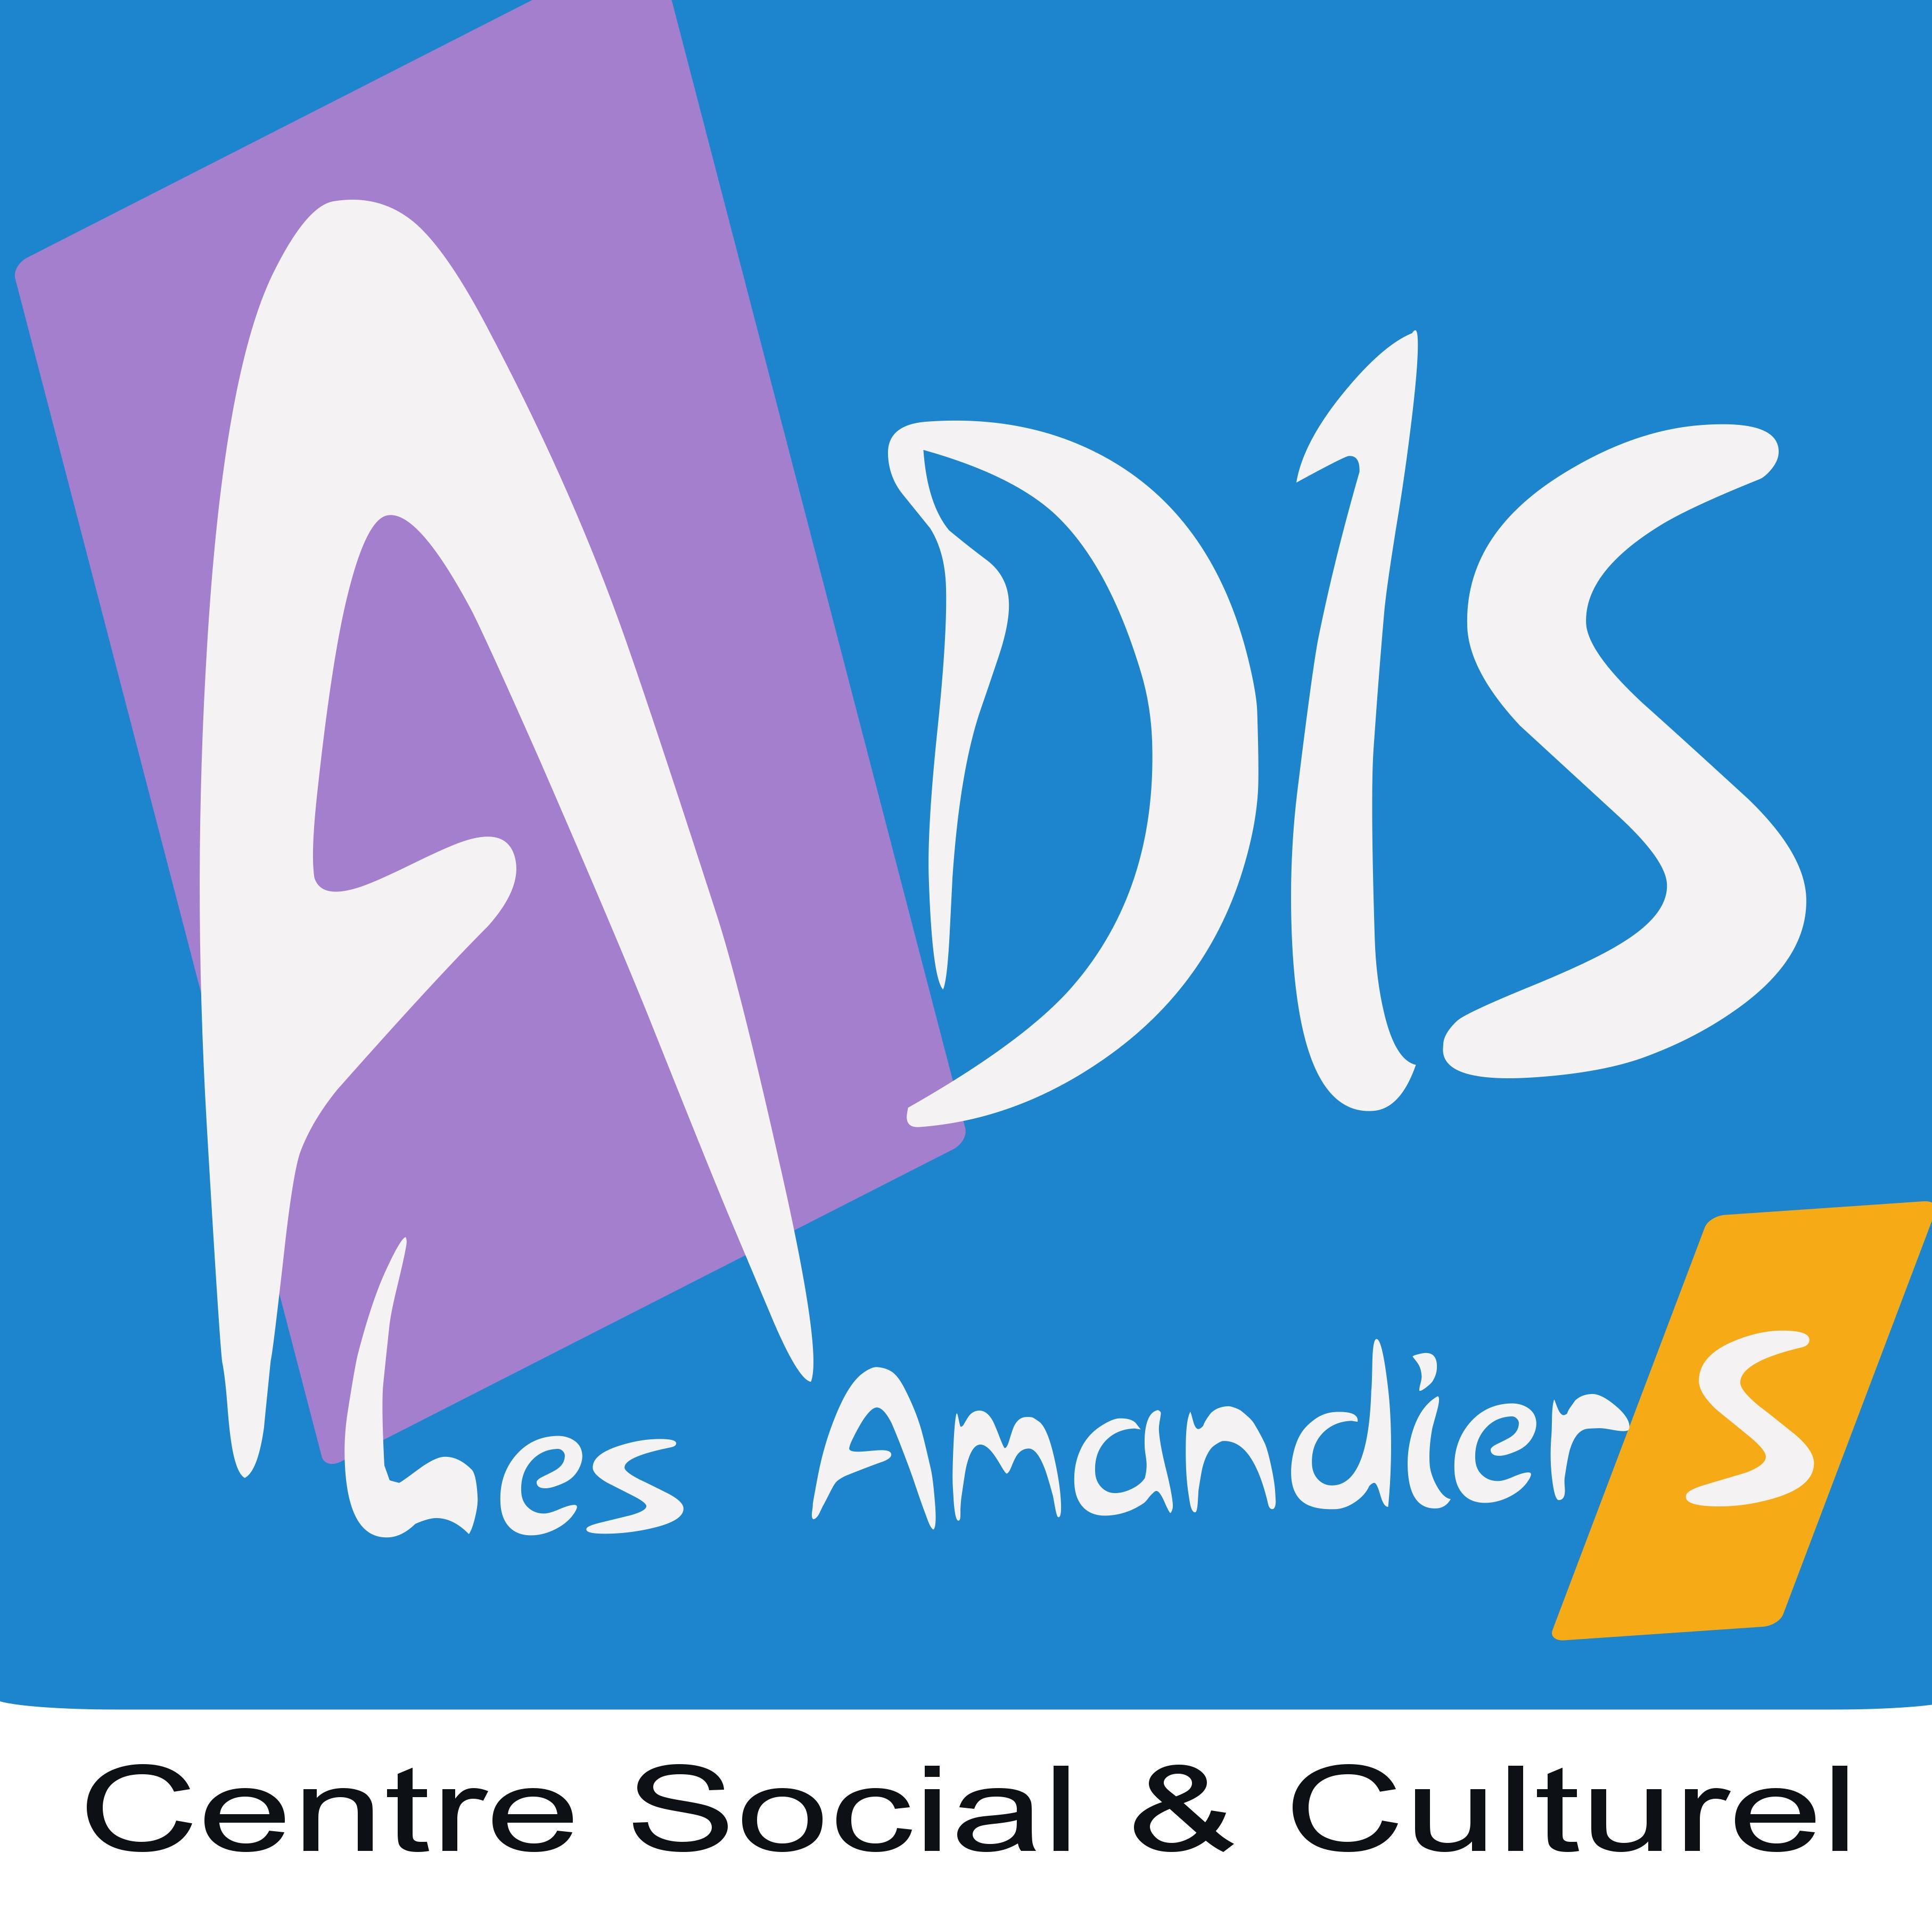 ADIS - Centre Social et Culturel les Amandiers